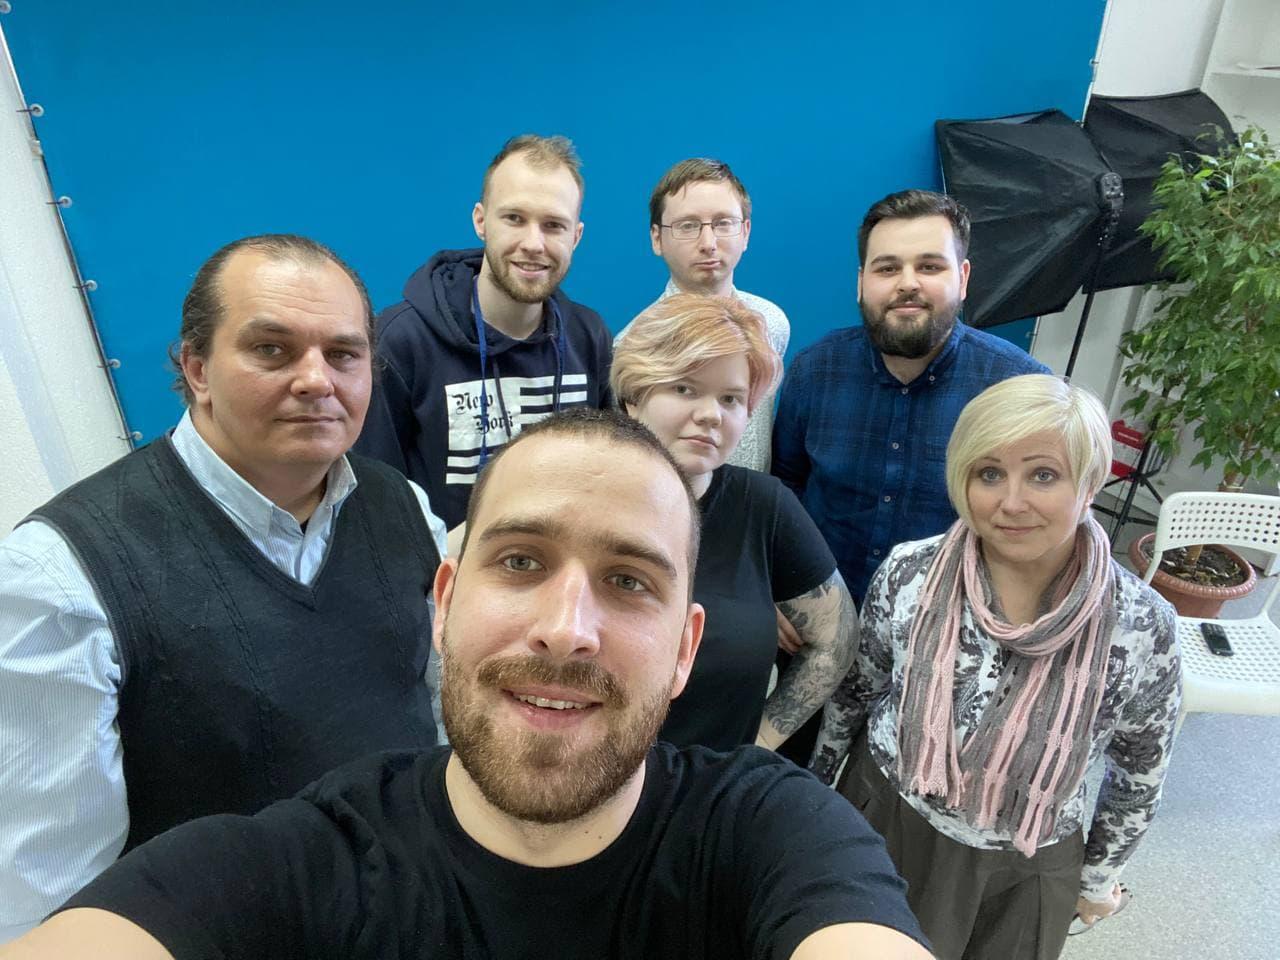 Присмотреть за рядовыми довыборами в Ижевске приехала миссия «Голоса». Фото: тг-канал «Штаб Навального в Ижевске»